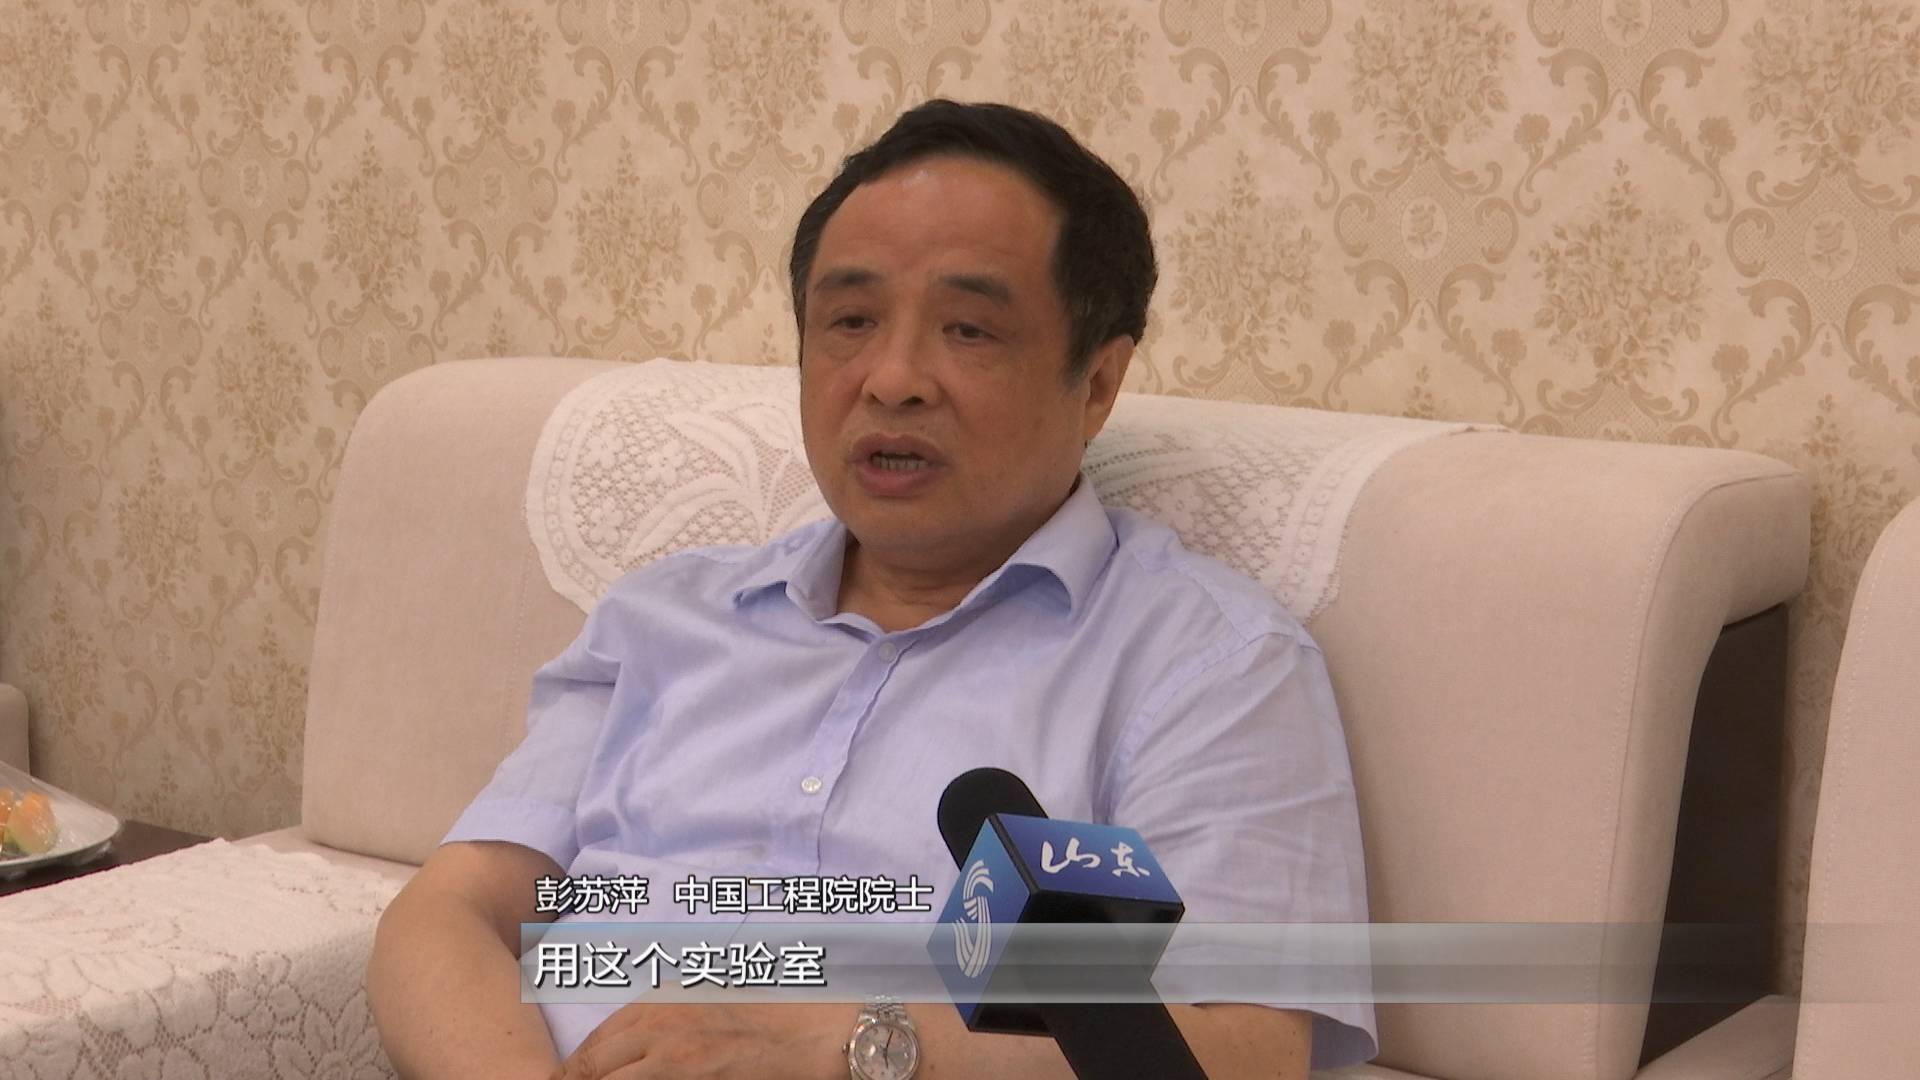 敢领改革风气之先丨中国工程院院士彭苏萍:孵化年轻技术骨干